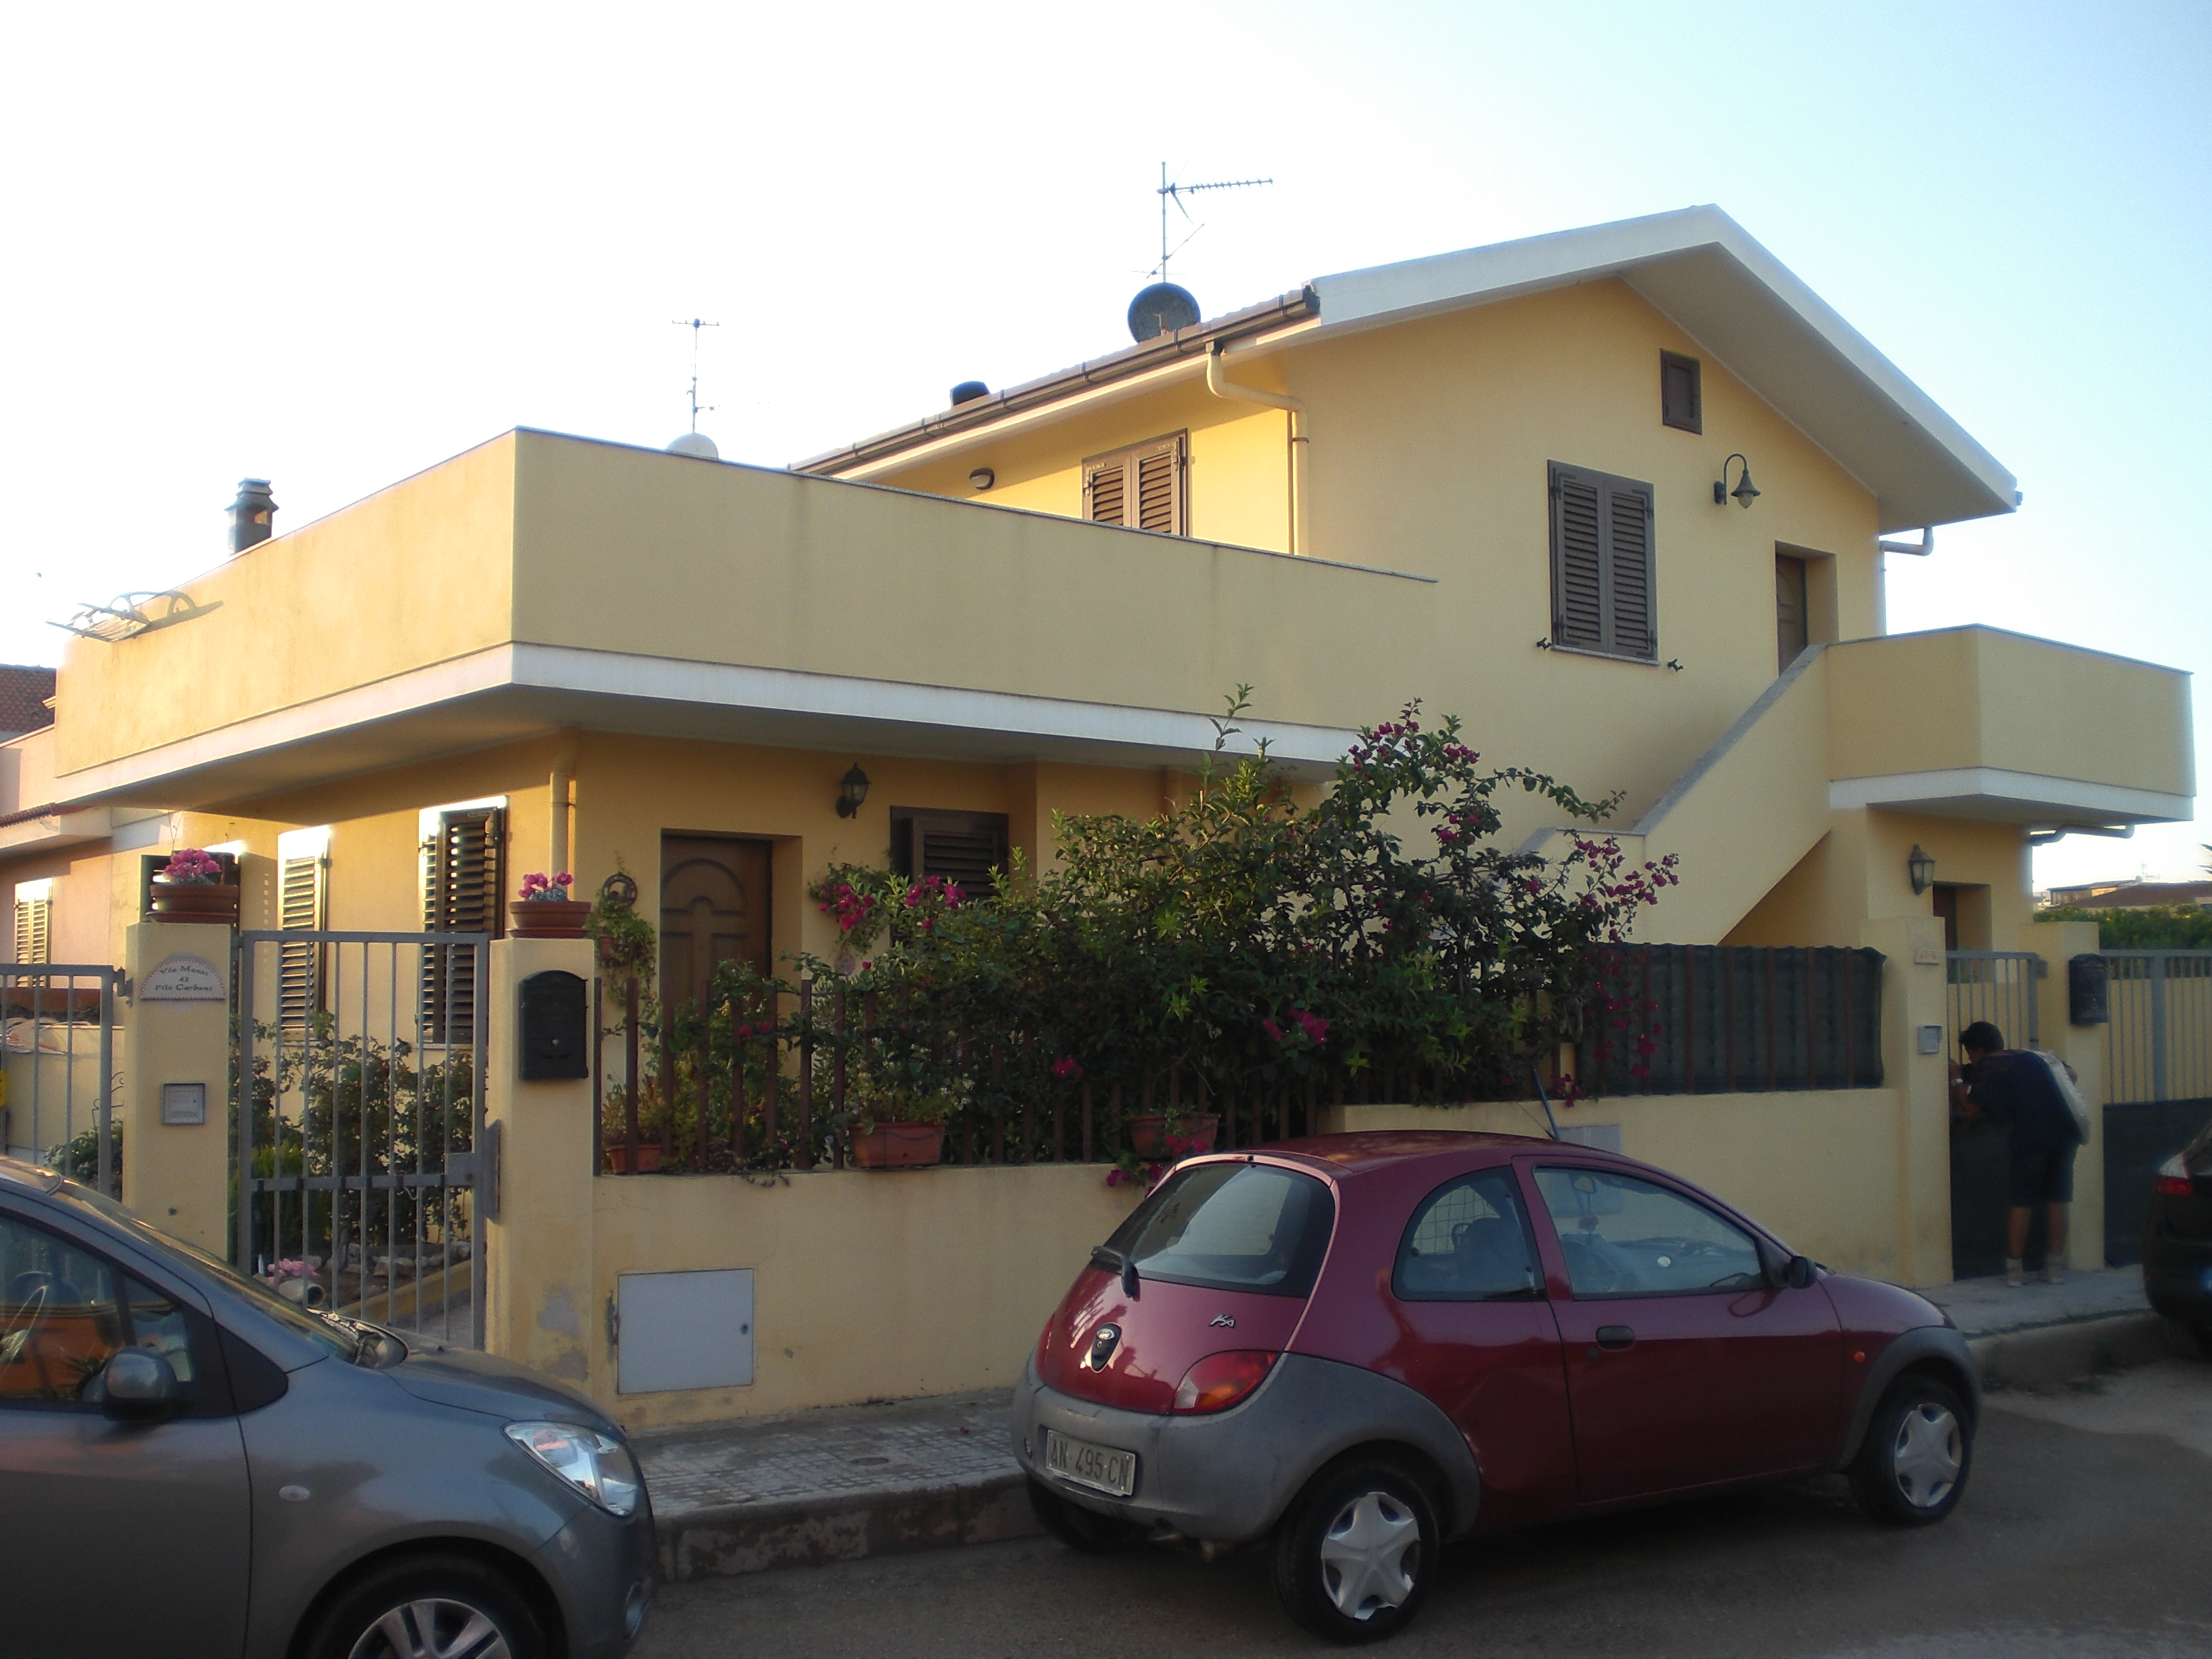 Vendita casa indipendente porto torres sassari italia for Case in vendita porto ottiolu privati